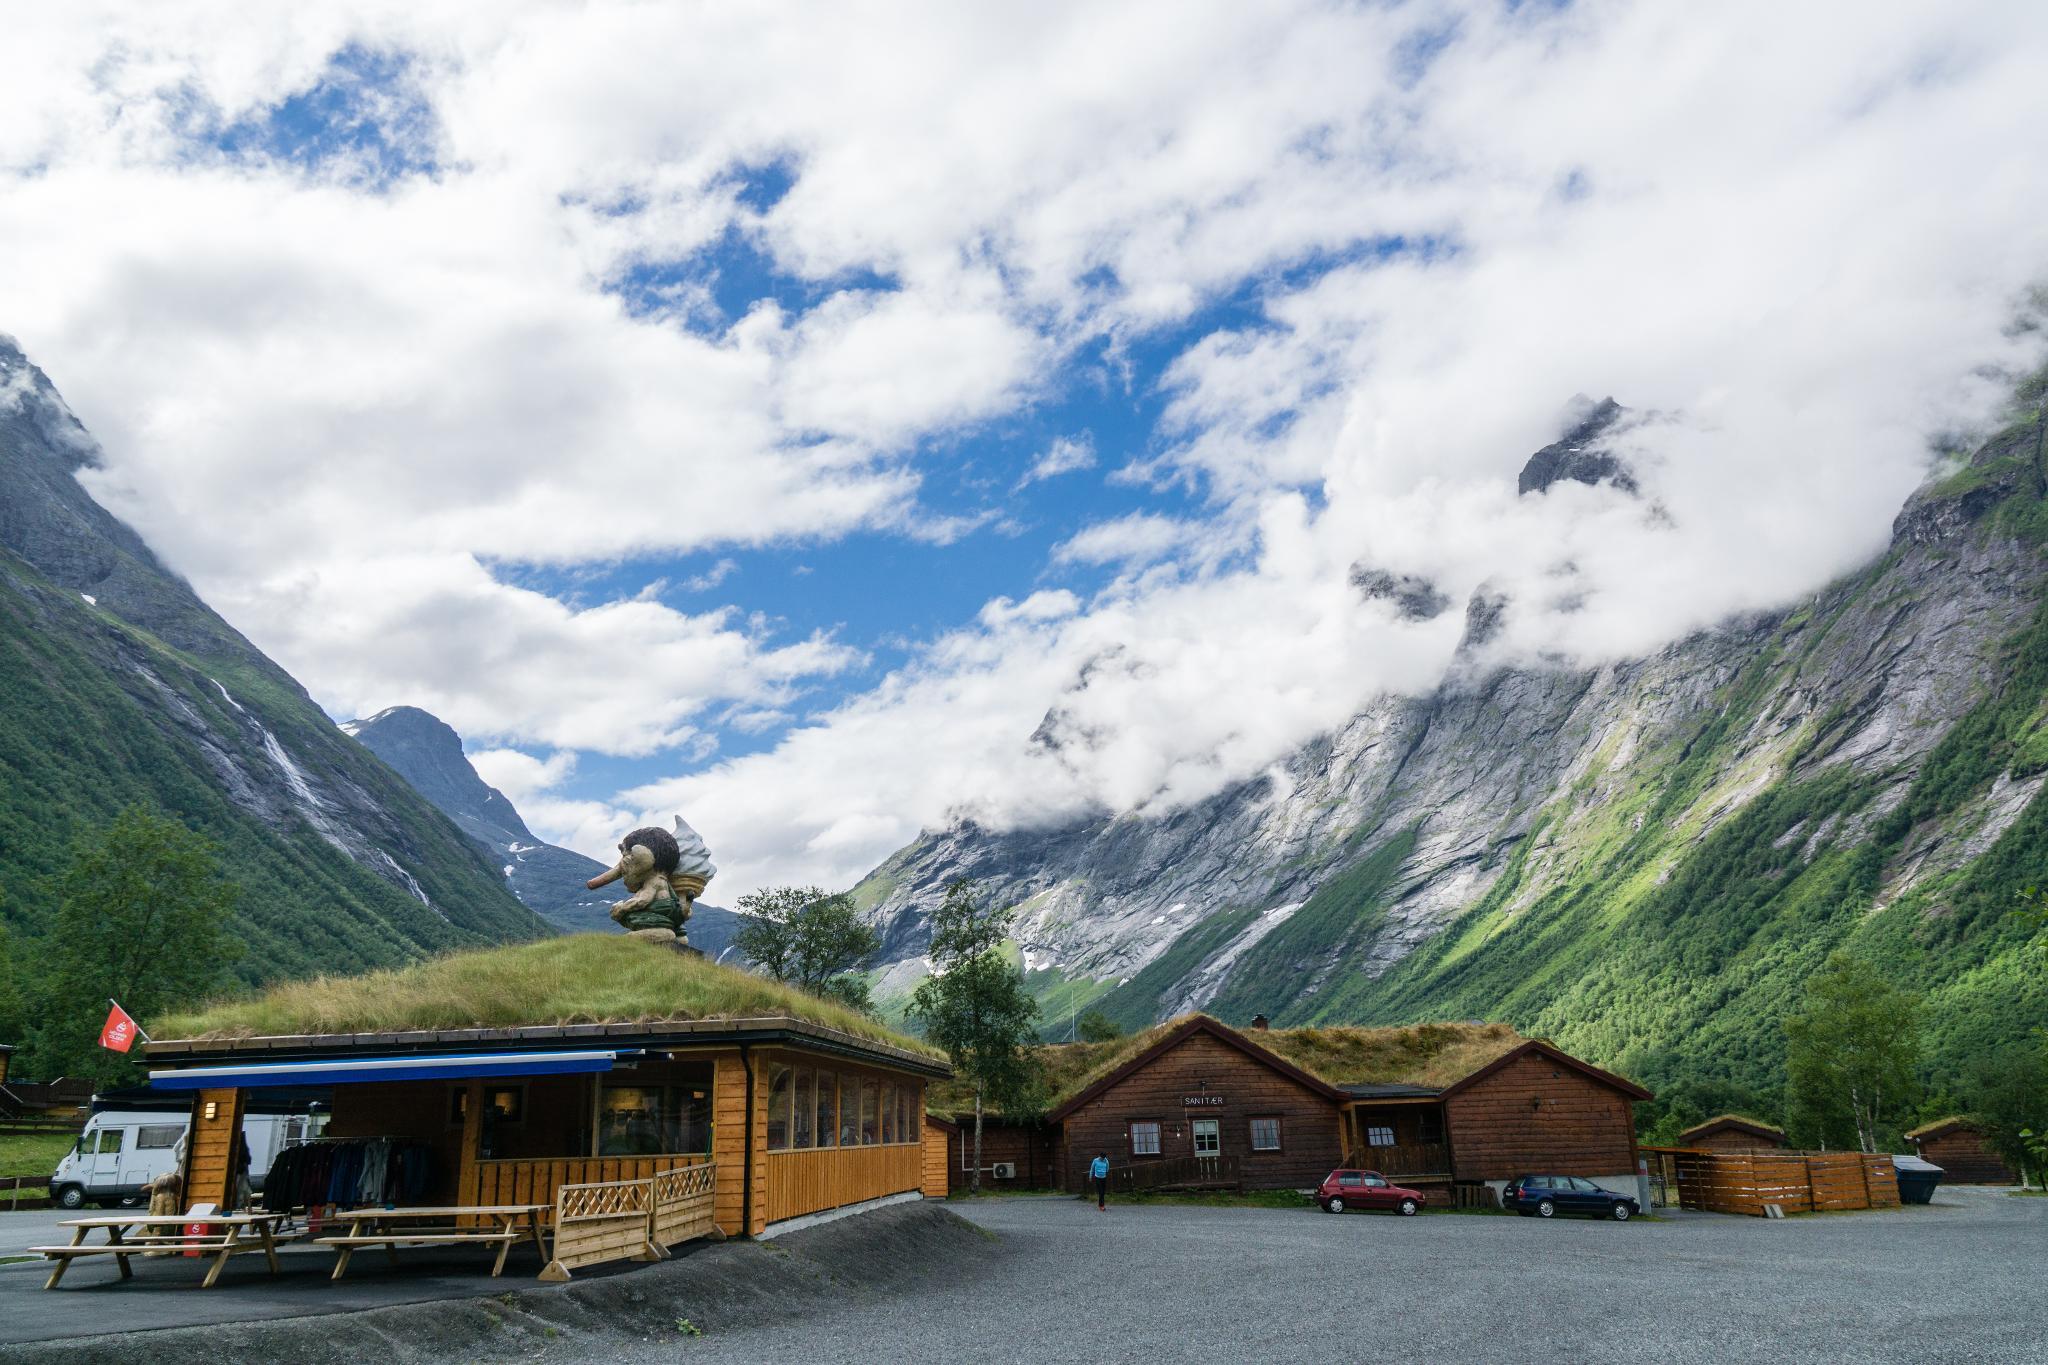 【北歐露營】在妖精出沒的峽谷中露營 - Trollstigen Camping 10